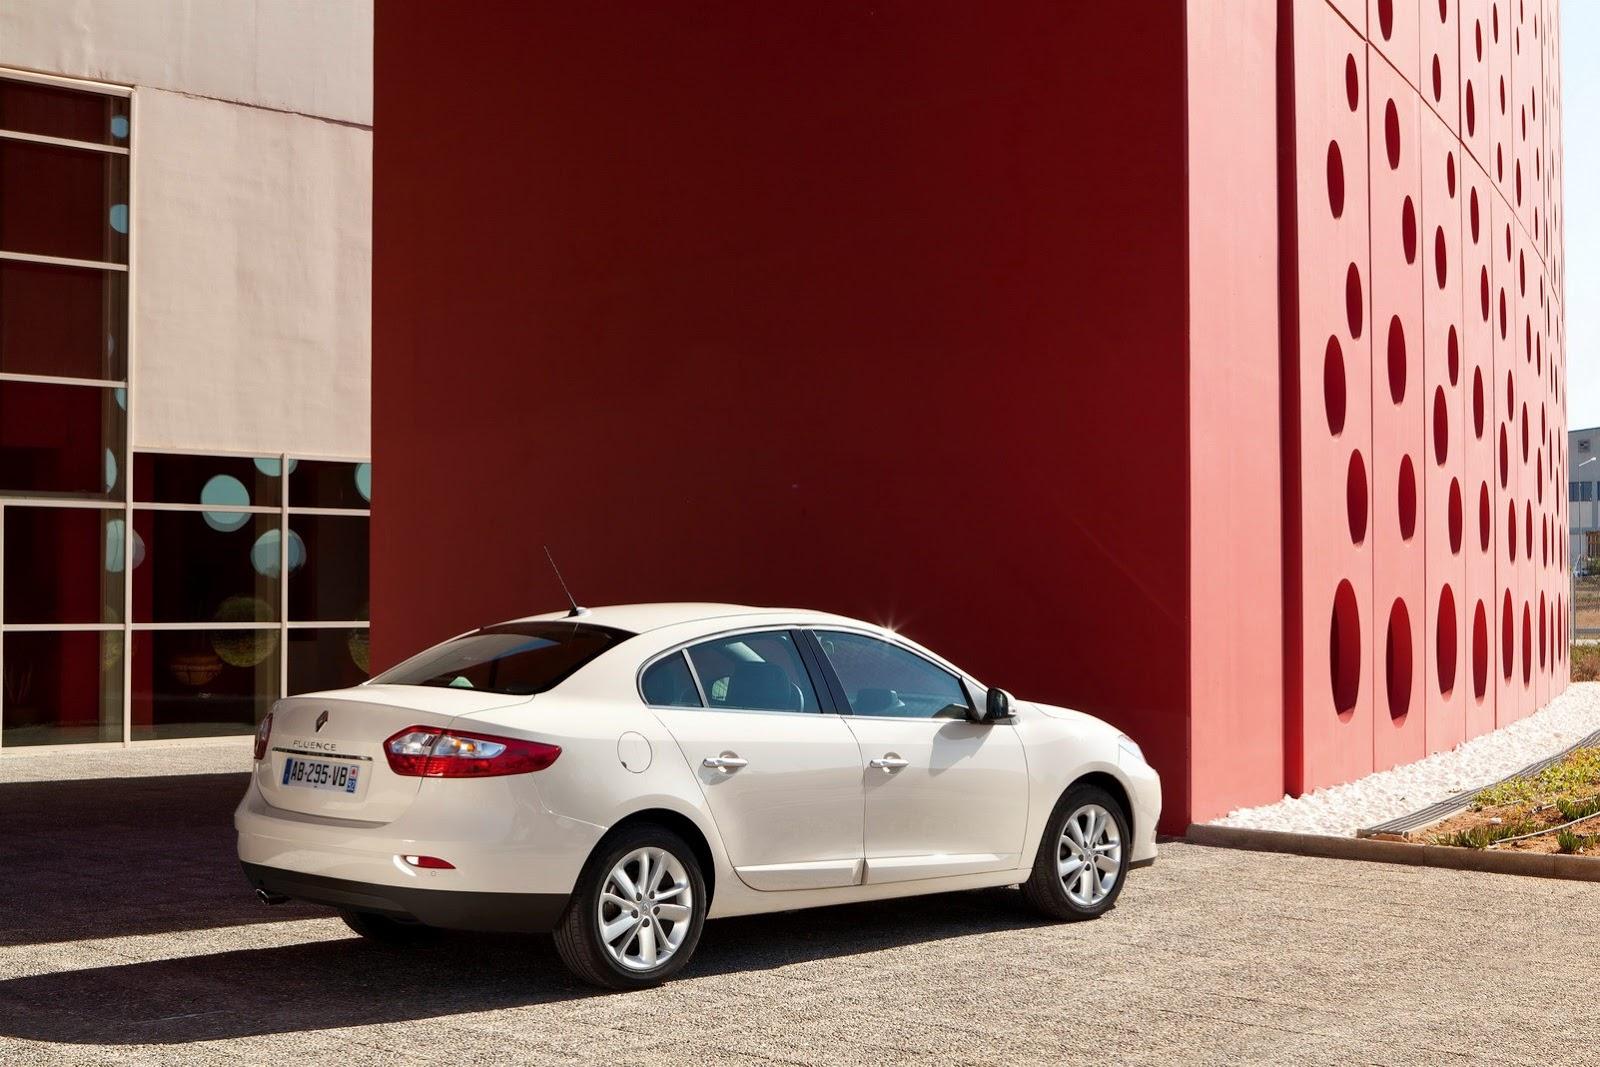 Renault le realiza importantes cambios al Fluence